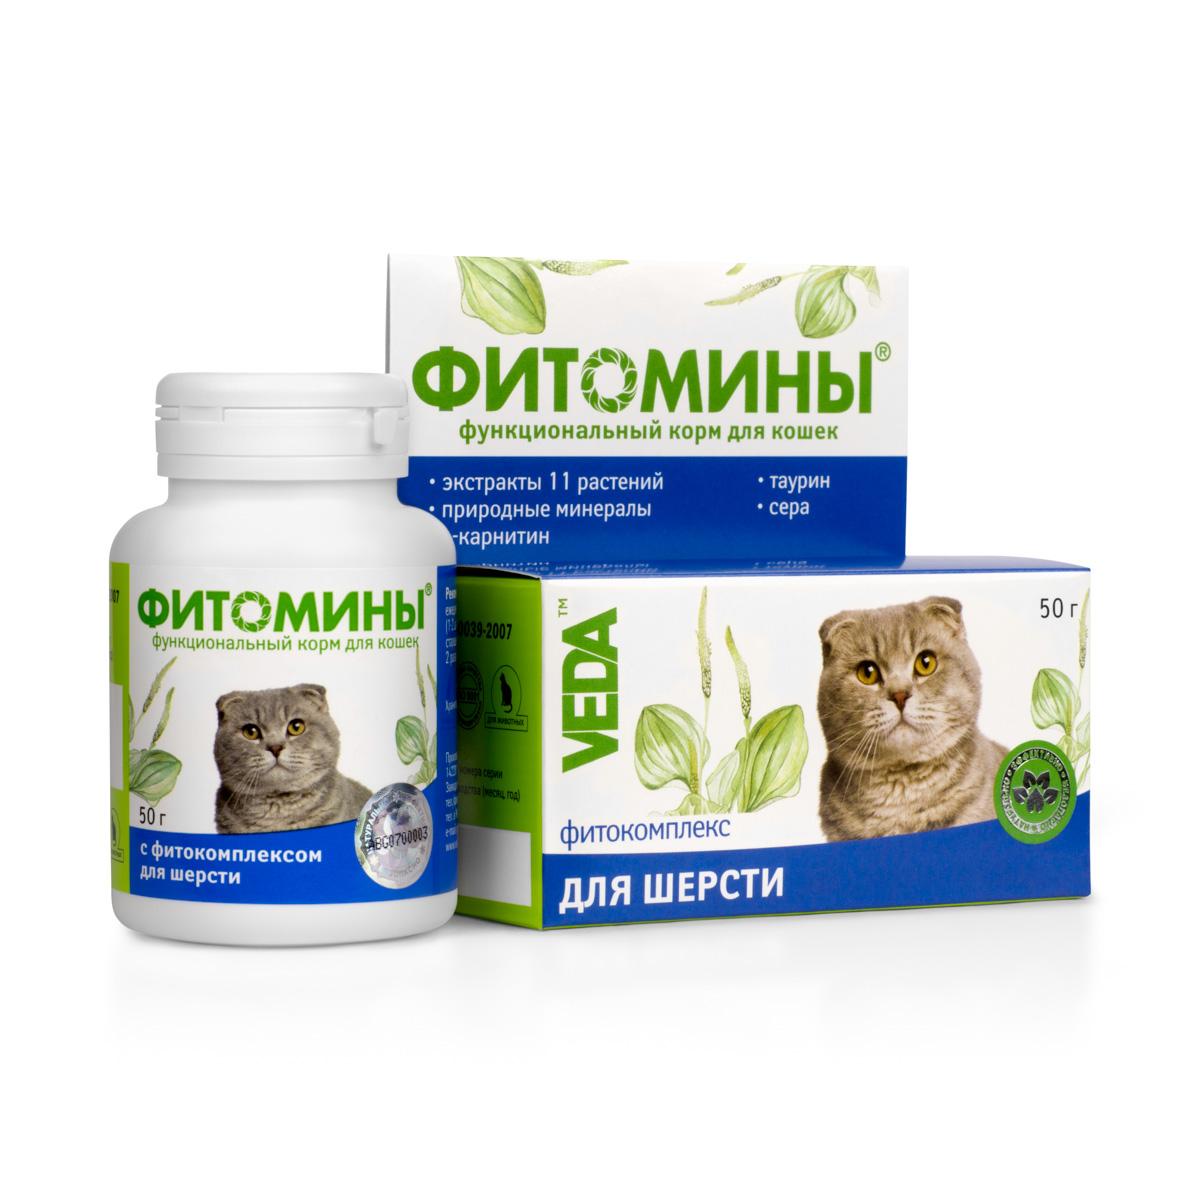 Фитомины функциональный корм для кошек с фитокомплексом для шерсти, 50 г4605543005848Способствуют улучшению состояния и внешнего вида шерсти; применяются при облысениях различного характера, несезонных линьках и для подготовки животного к выставкам.